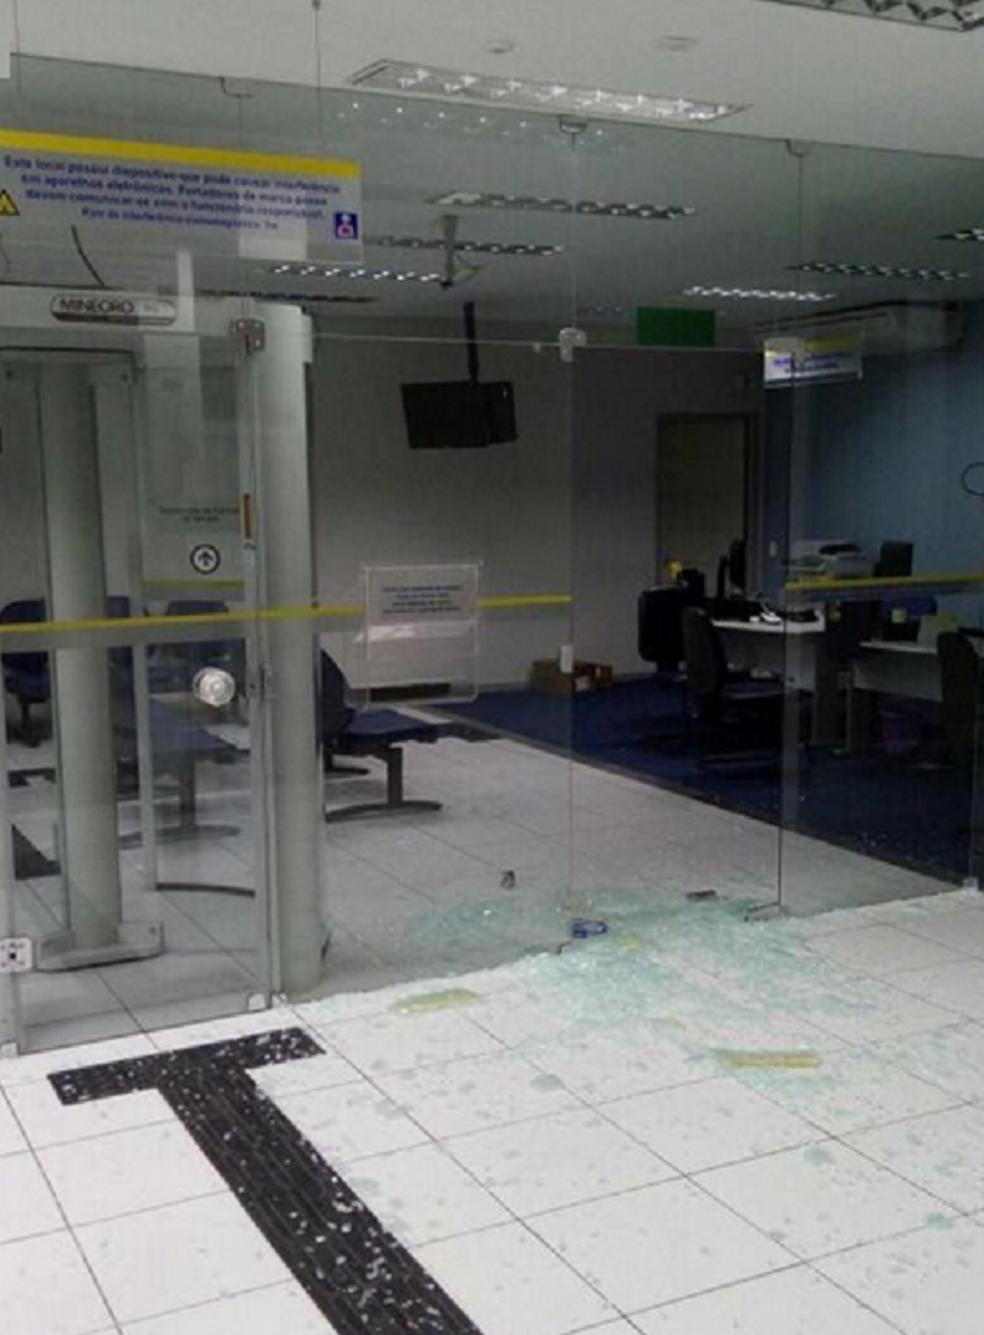 De acordo com o Sindicato dos Bancários do Ceará, este foi o 57º ataque contra bancos registrado no estado em 2017. (Foto: Reprodução/TV Verdes Mares)